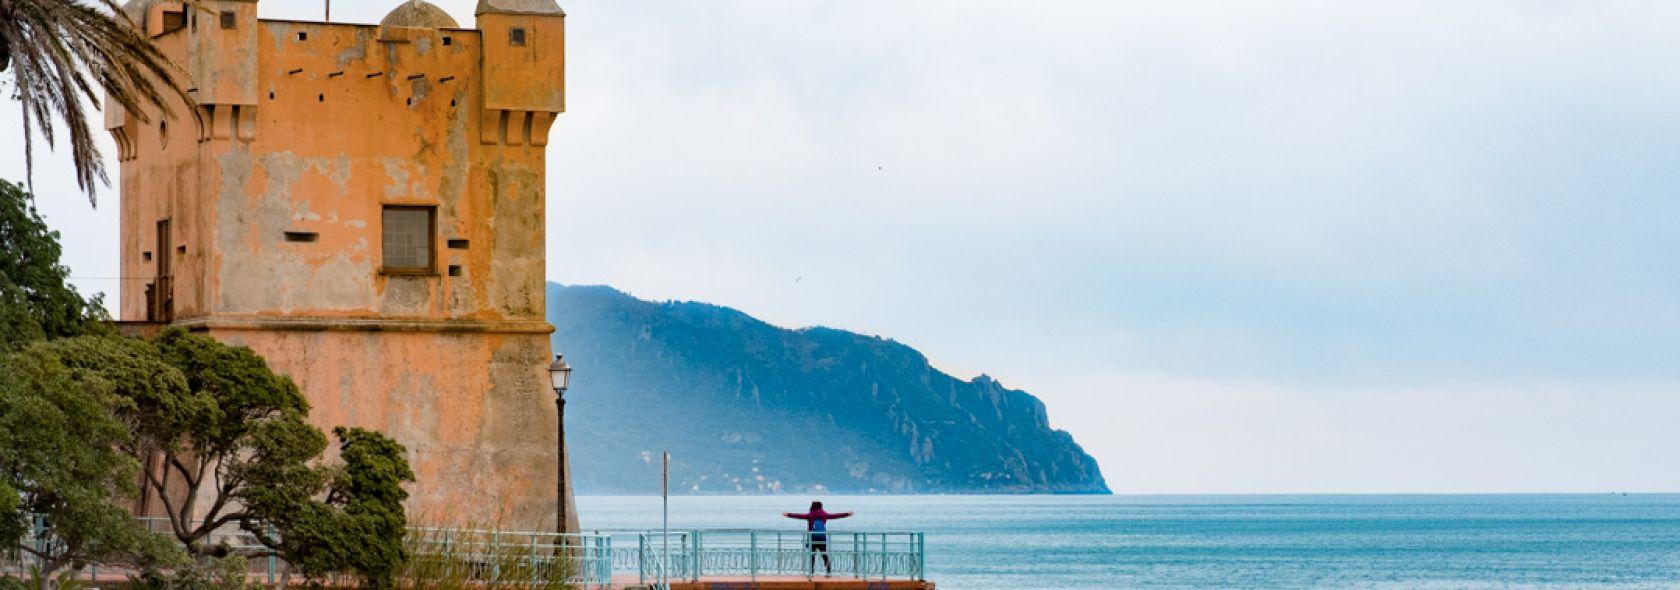 """Torre Groppallo o """"torre del fieno"""" e il promontorio di Portofino - Marco Gozzi"""